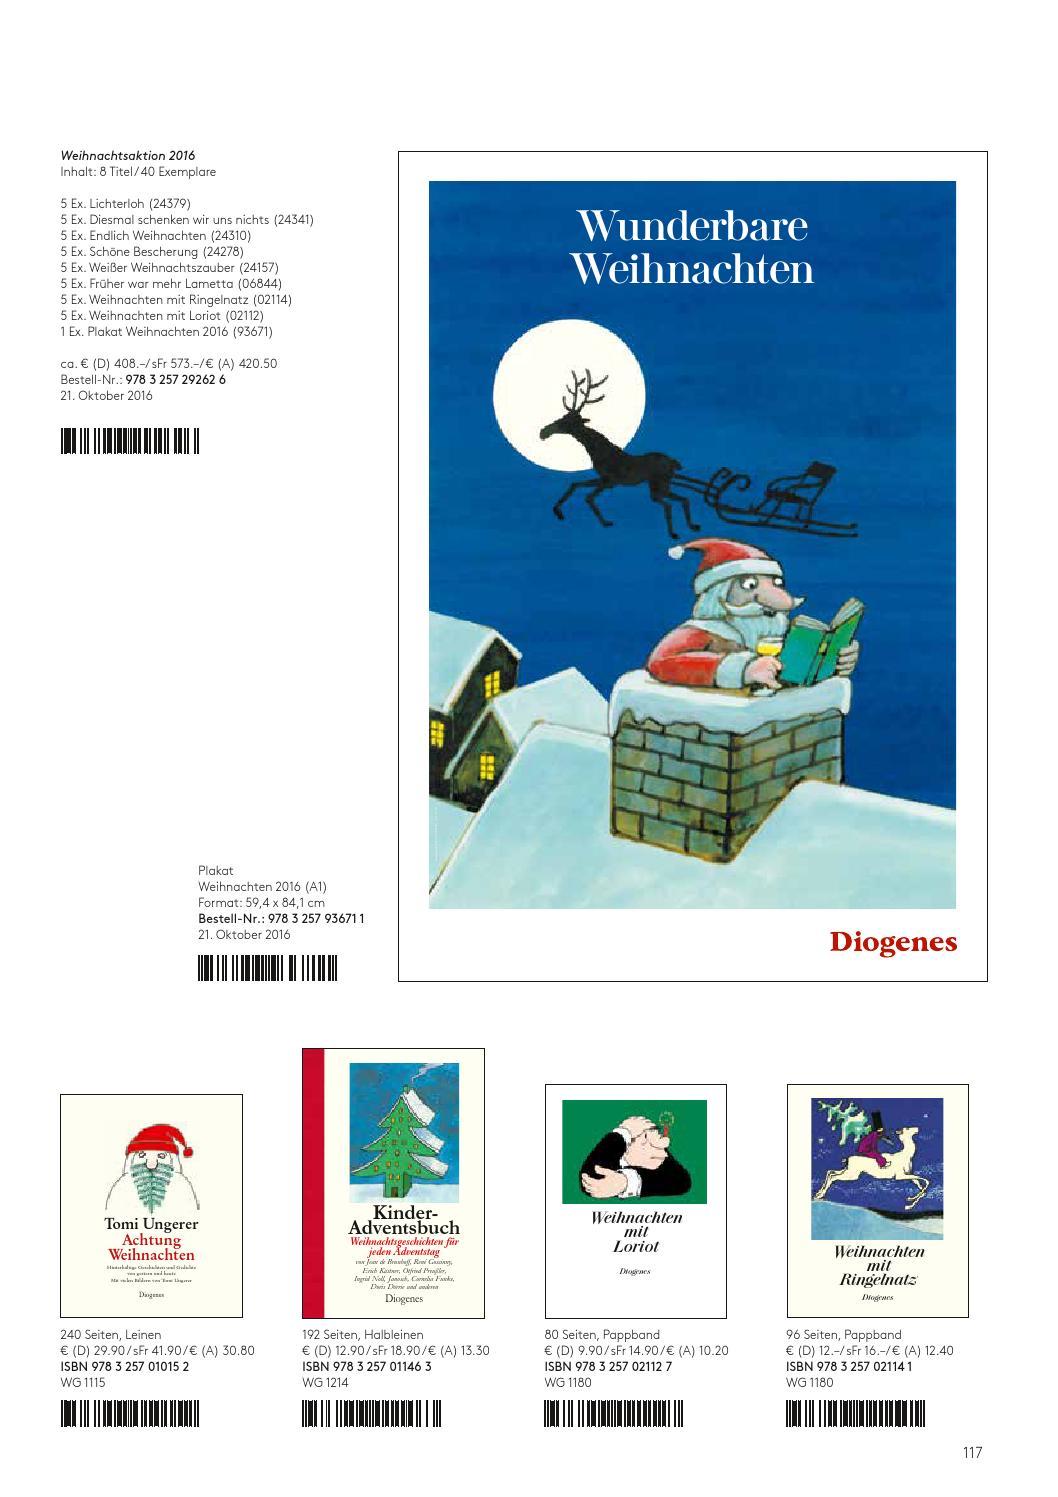 Ringelnatz gedichte weihnachten schenken